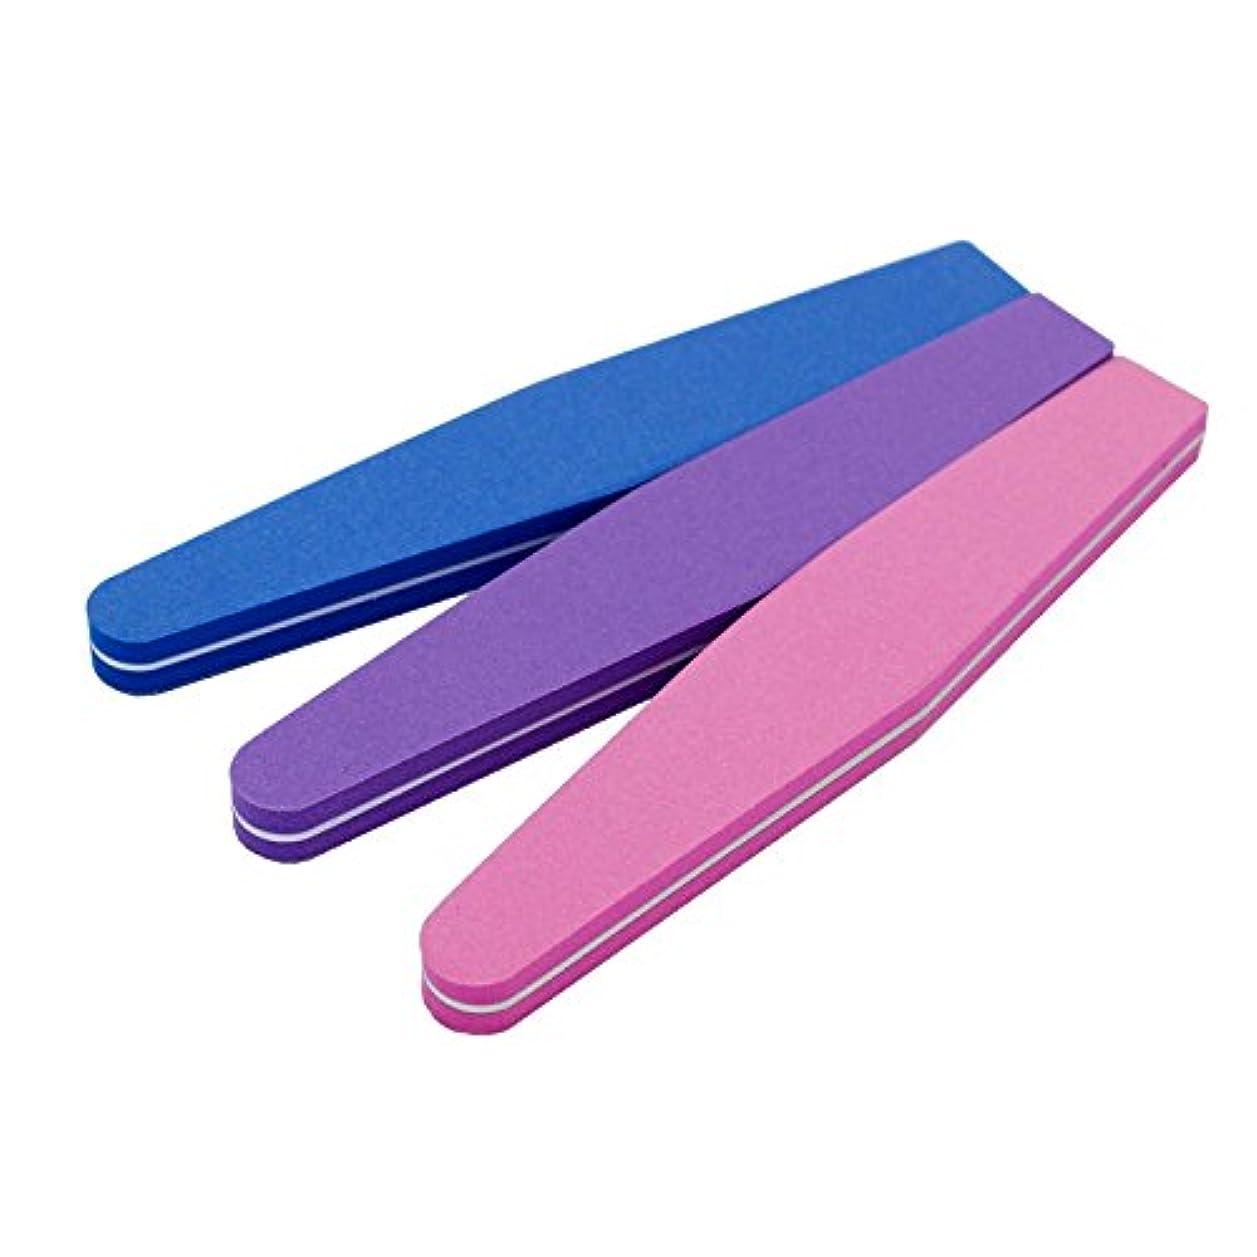 パンサーガイダンスふつうJomMart スポンジ ネイルファイル 爪用ヤスリ 3色セット(ピンク パープル ブルー) BY0040